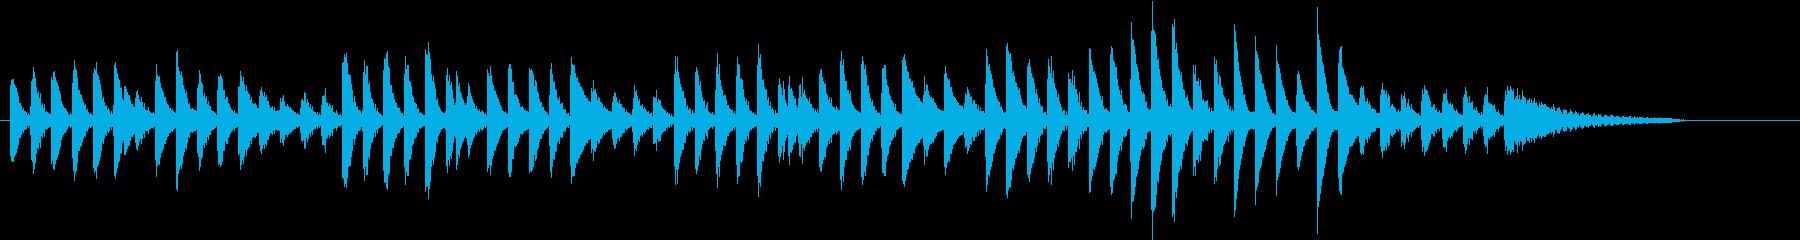 可愛く弾み踊る冬のトキメキピアノジングルの再生済みの波形